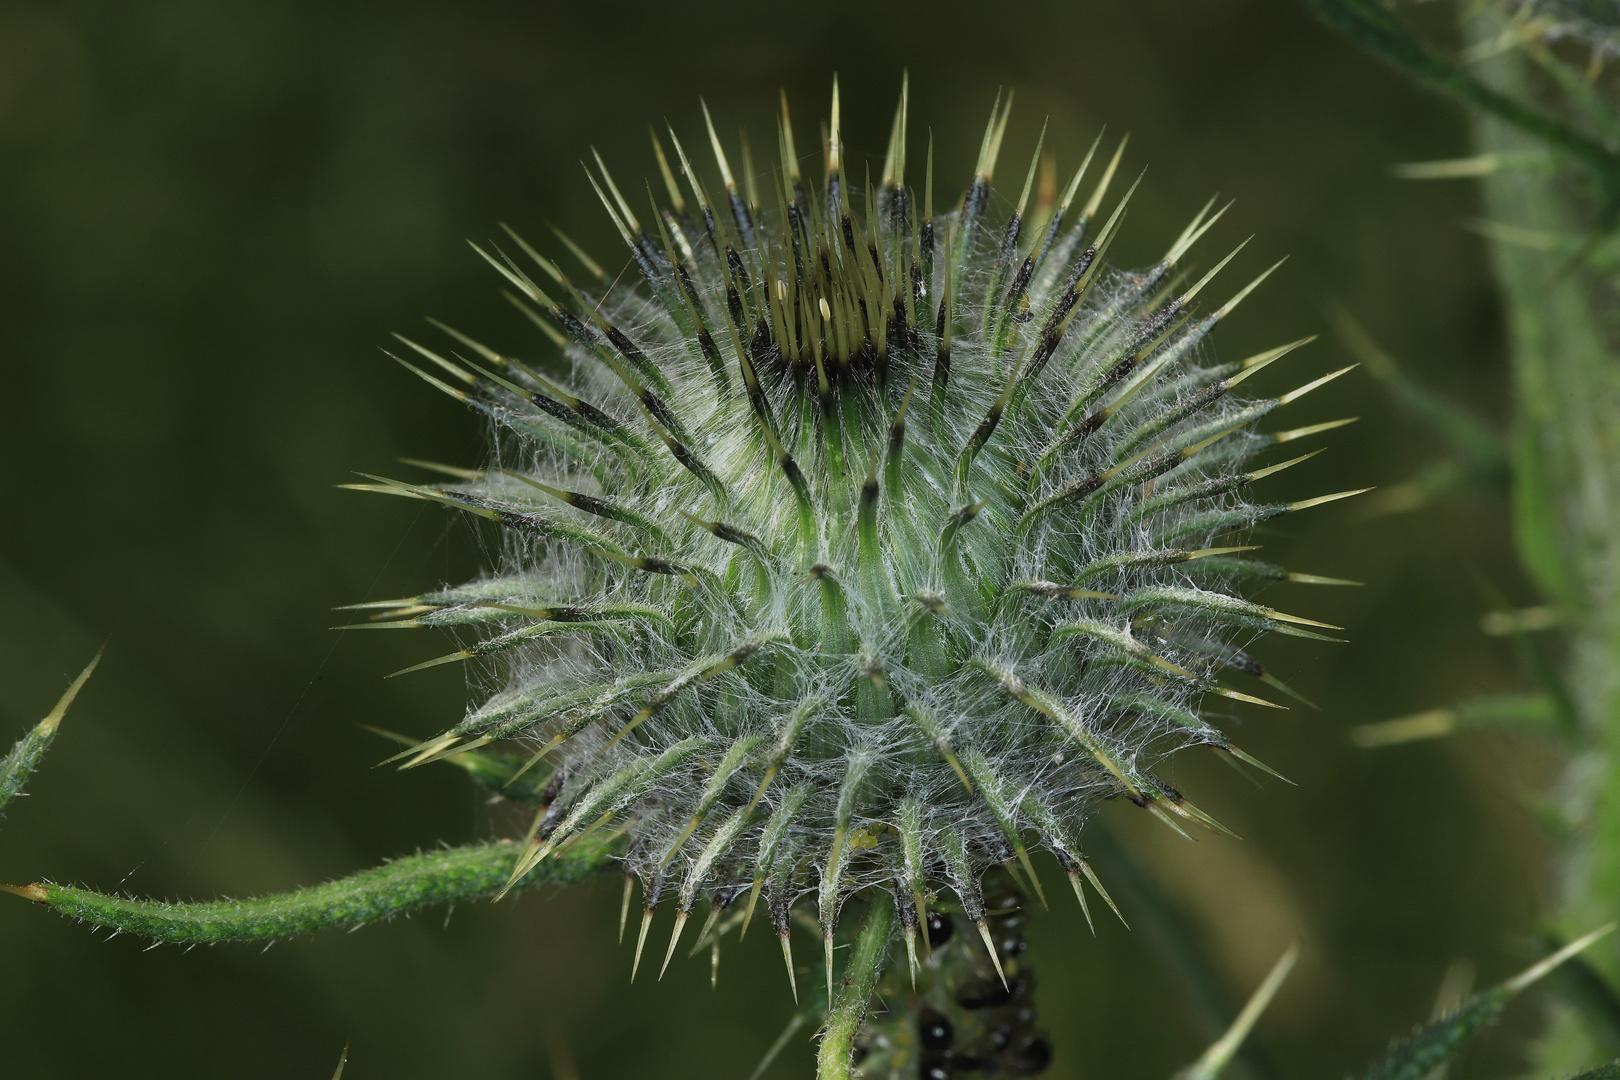 Wehrhafte Stacheln, Blütenkopf der Kratzdistel